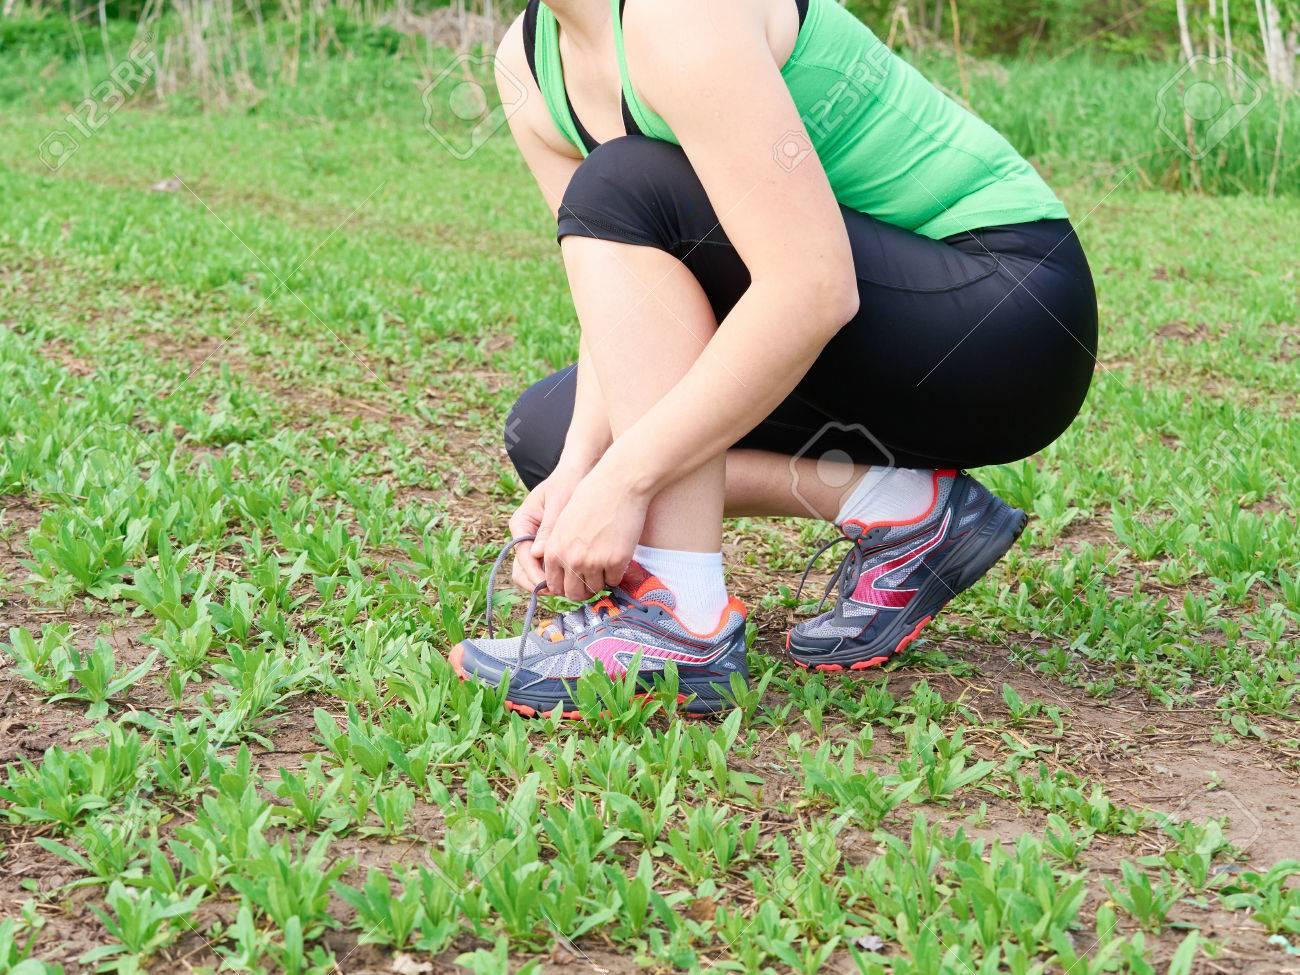 Actif style de vie femme athlète sain attachant des chaussures de course.  Heureux sportif coureur d1508cac715